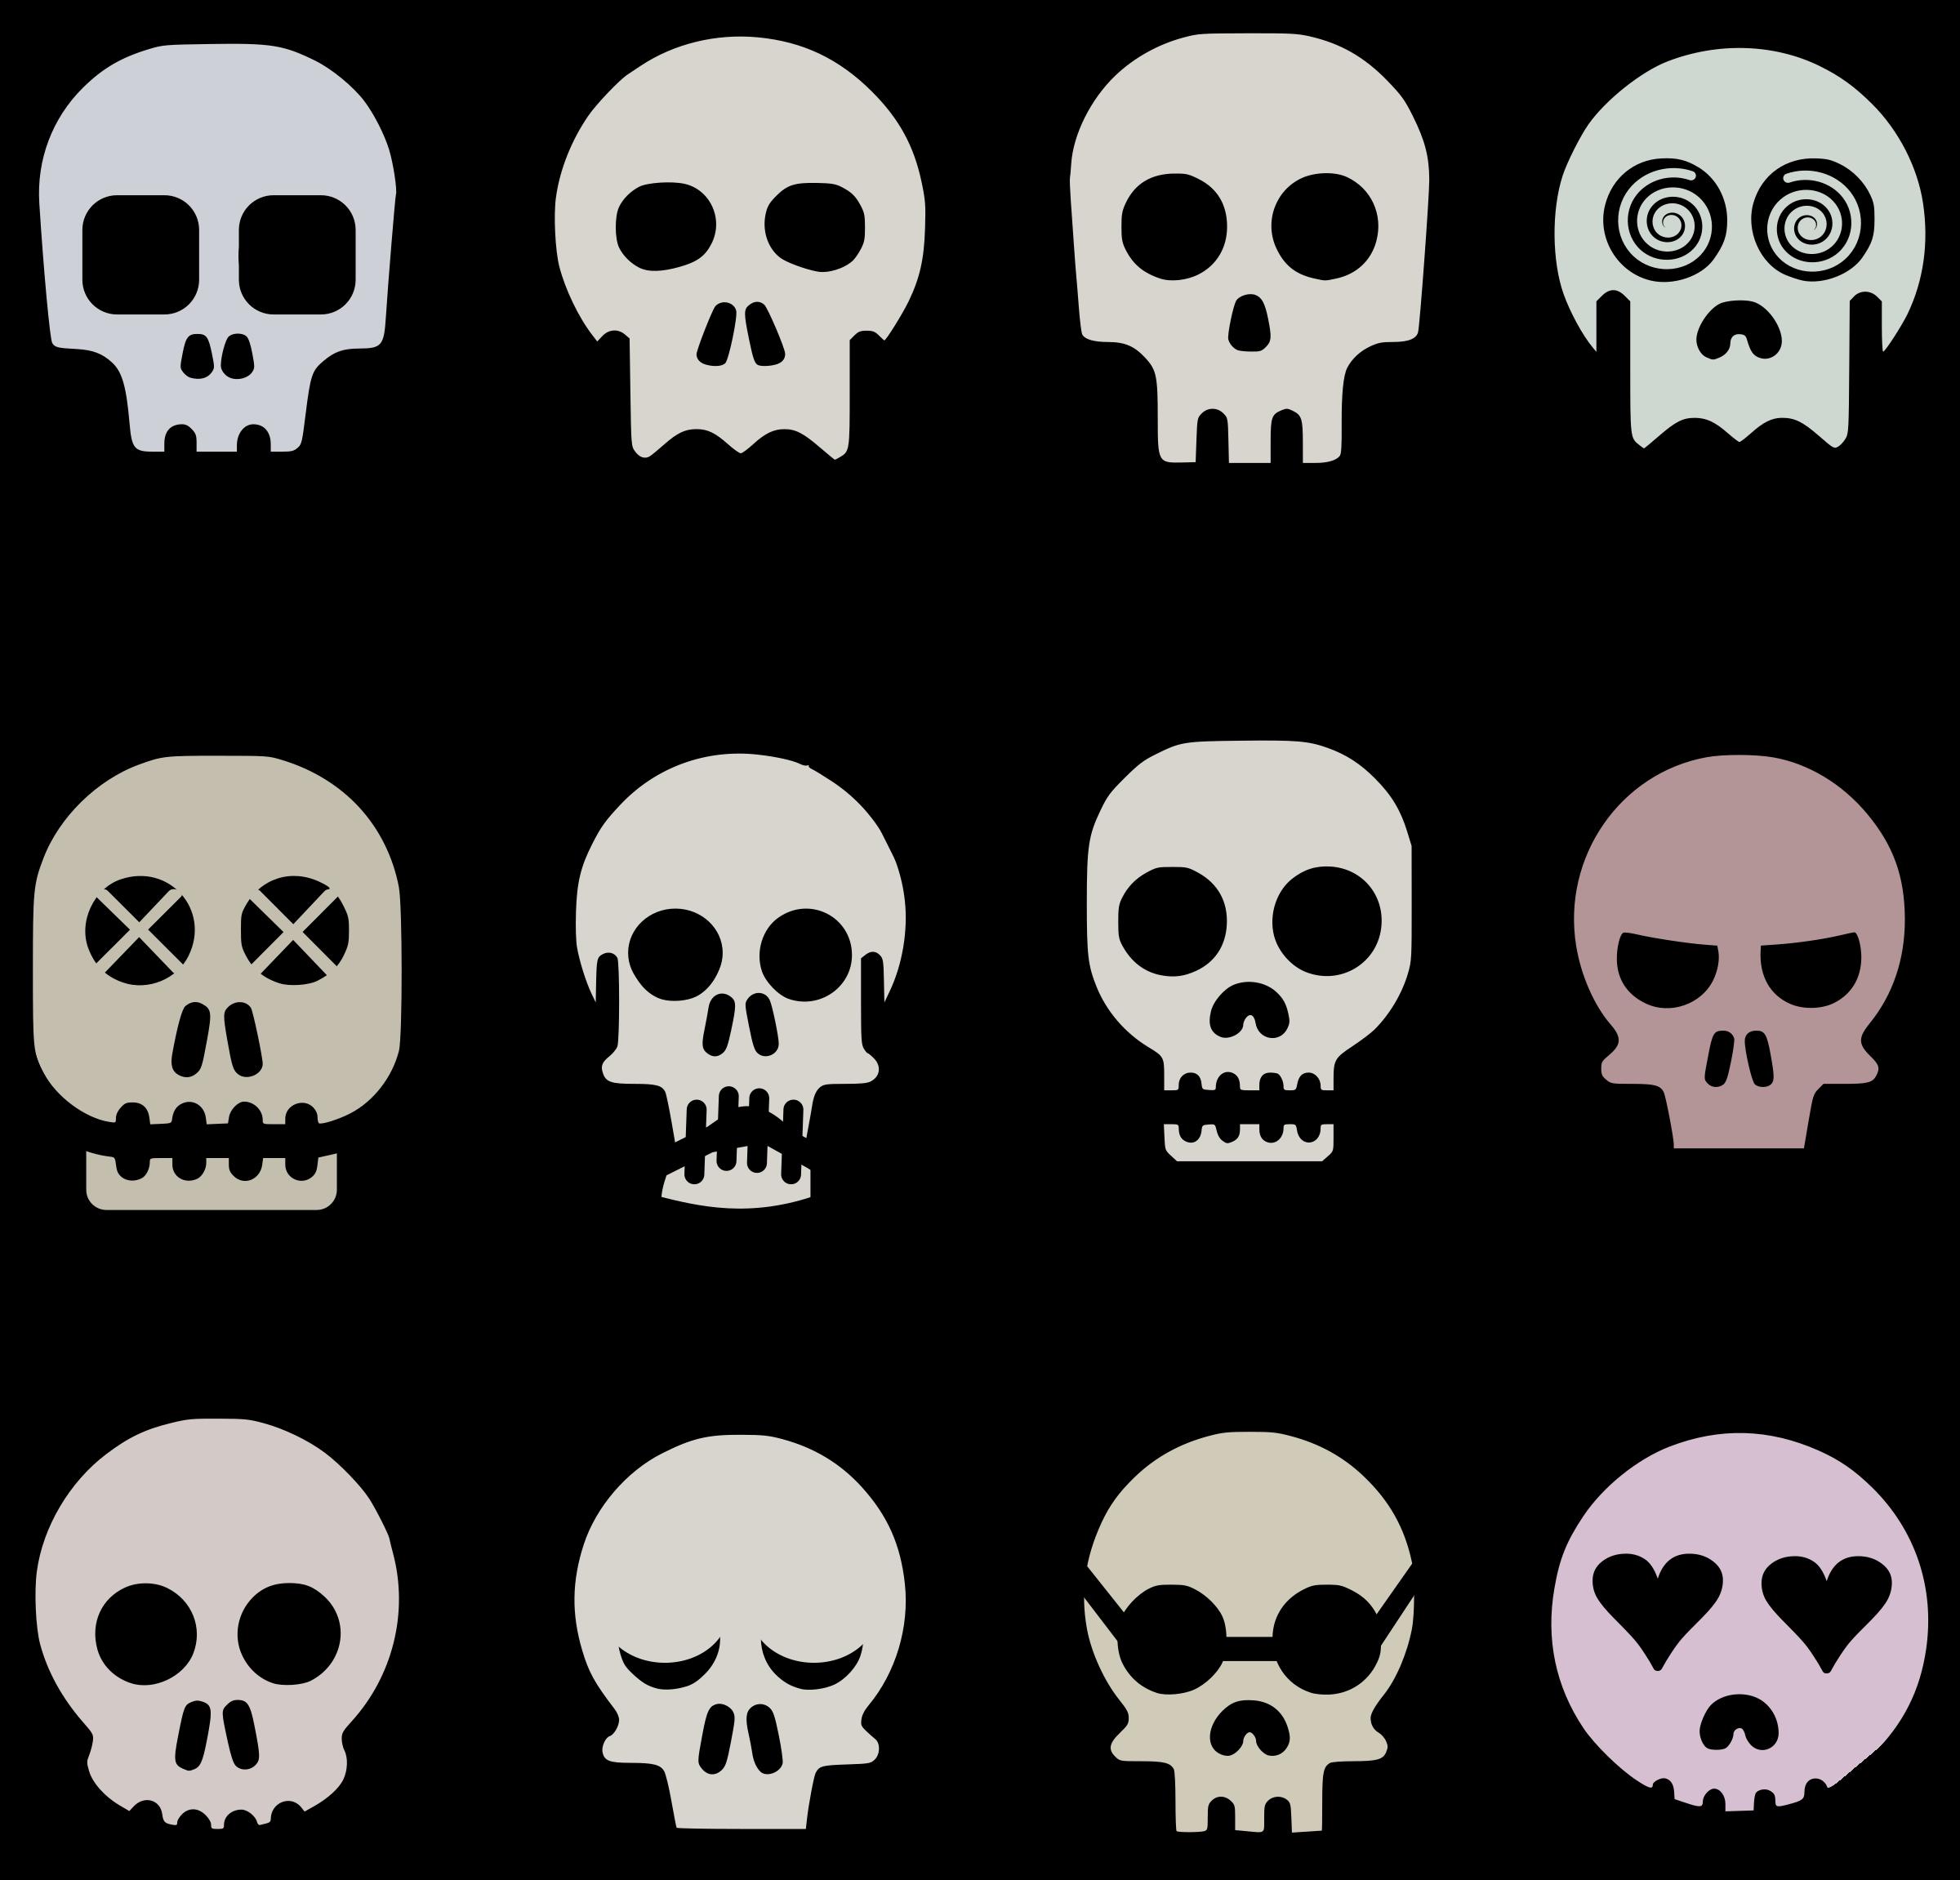 Ssckull clipart emoji #15